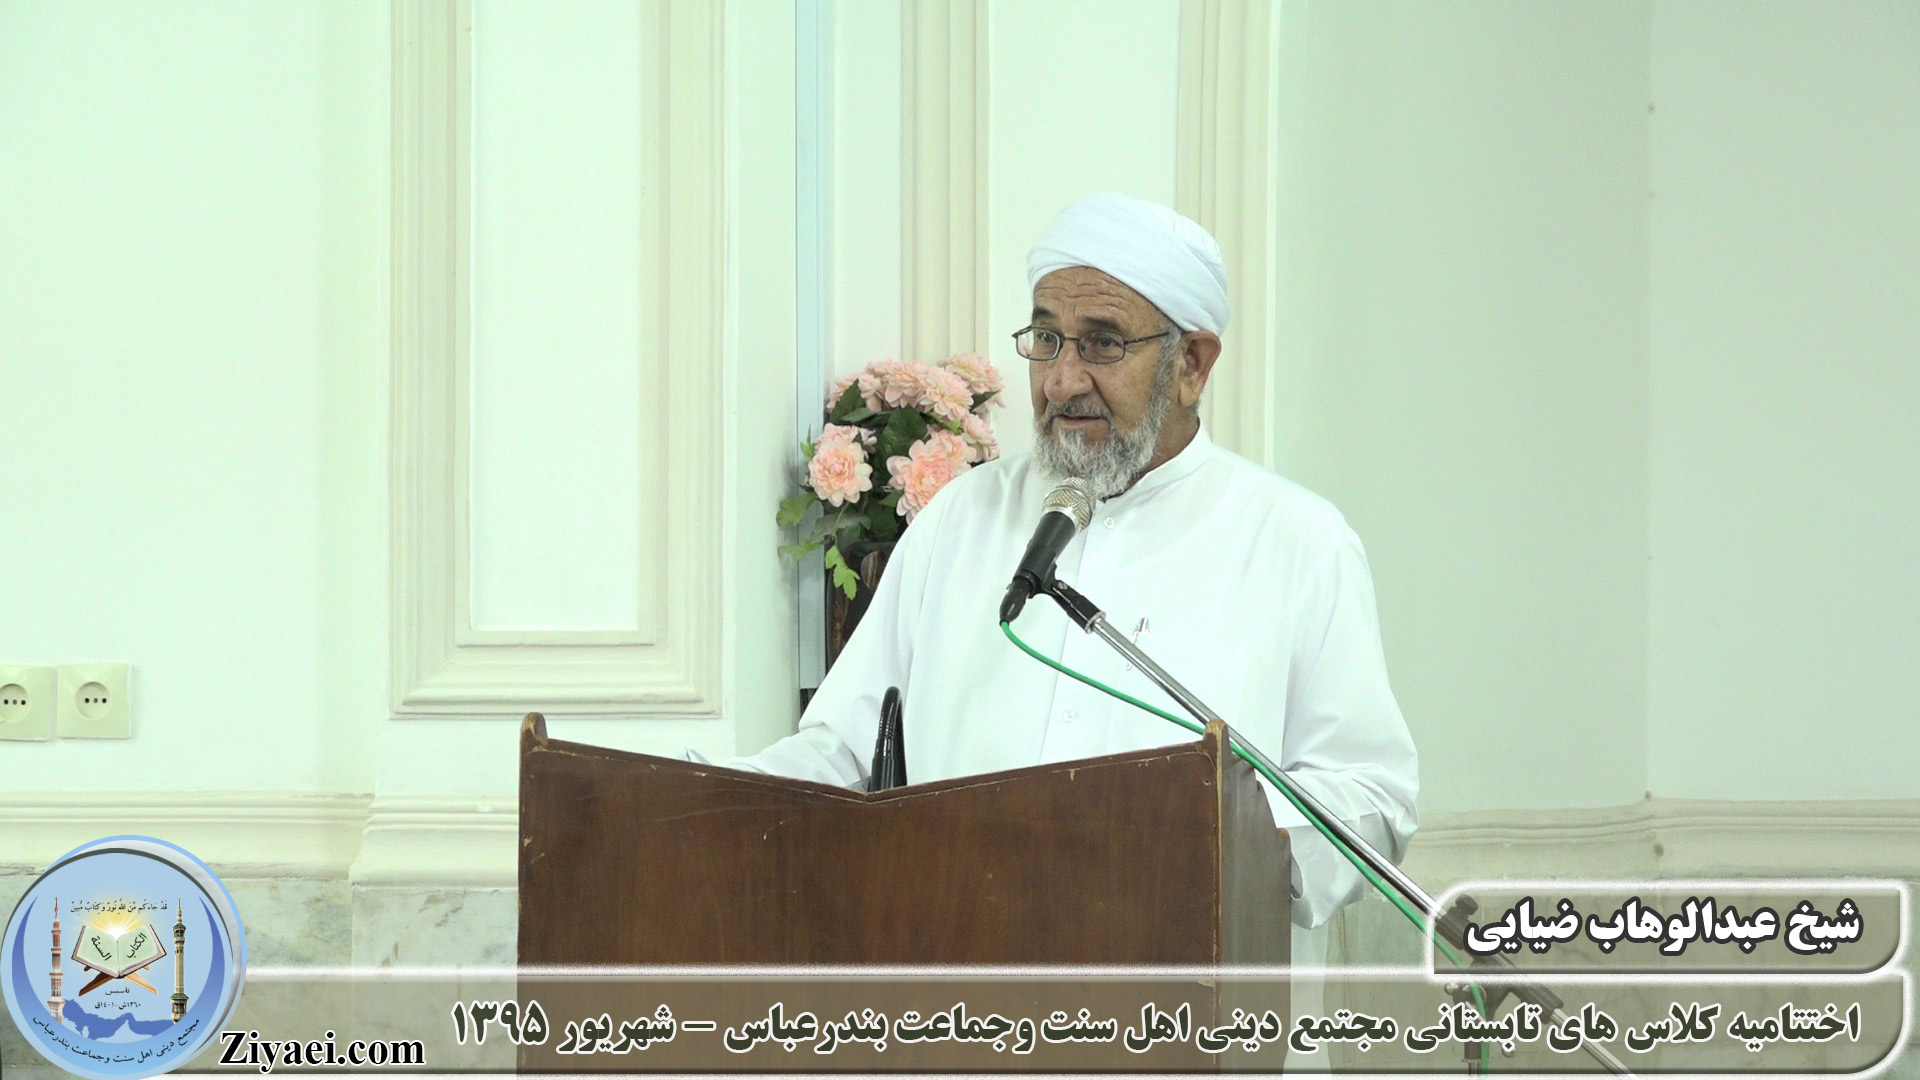 شیخ عبدالوهاب ضیایی - اختتامیه کلاس های تابستانی مجتمع